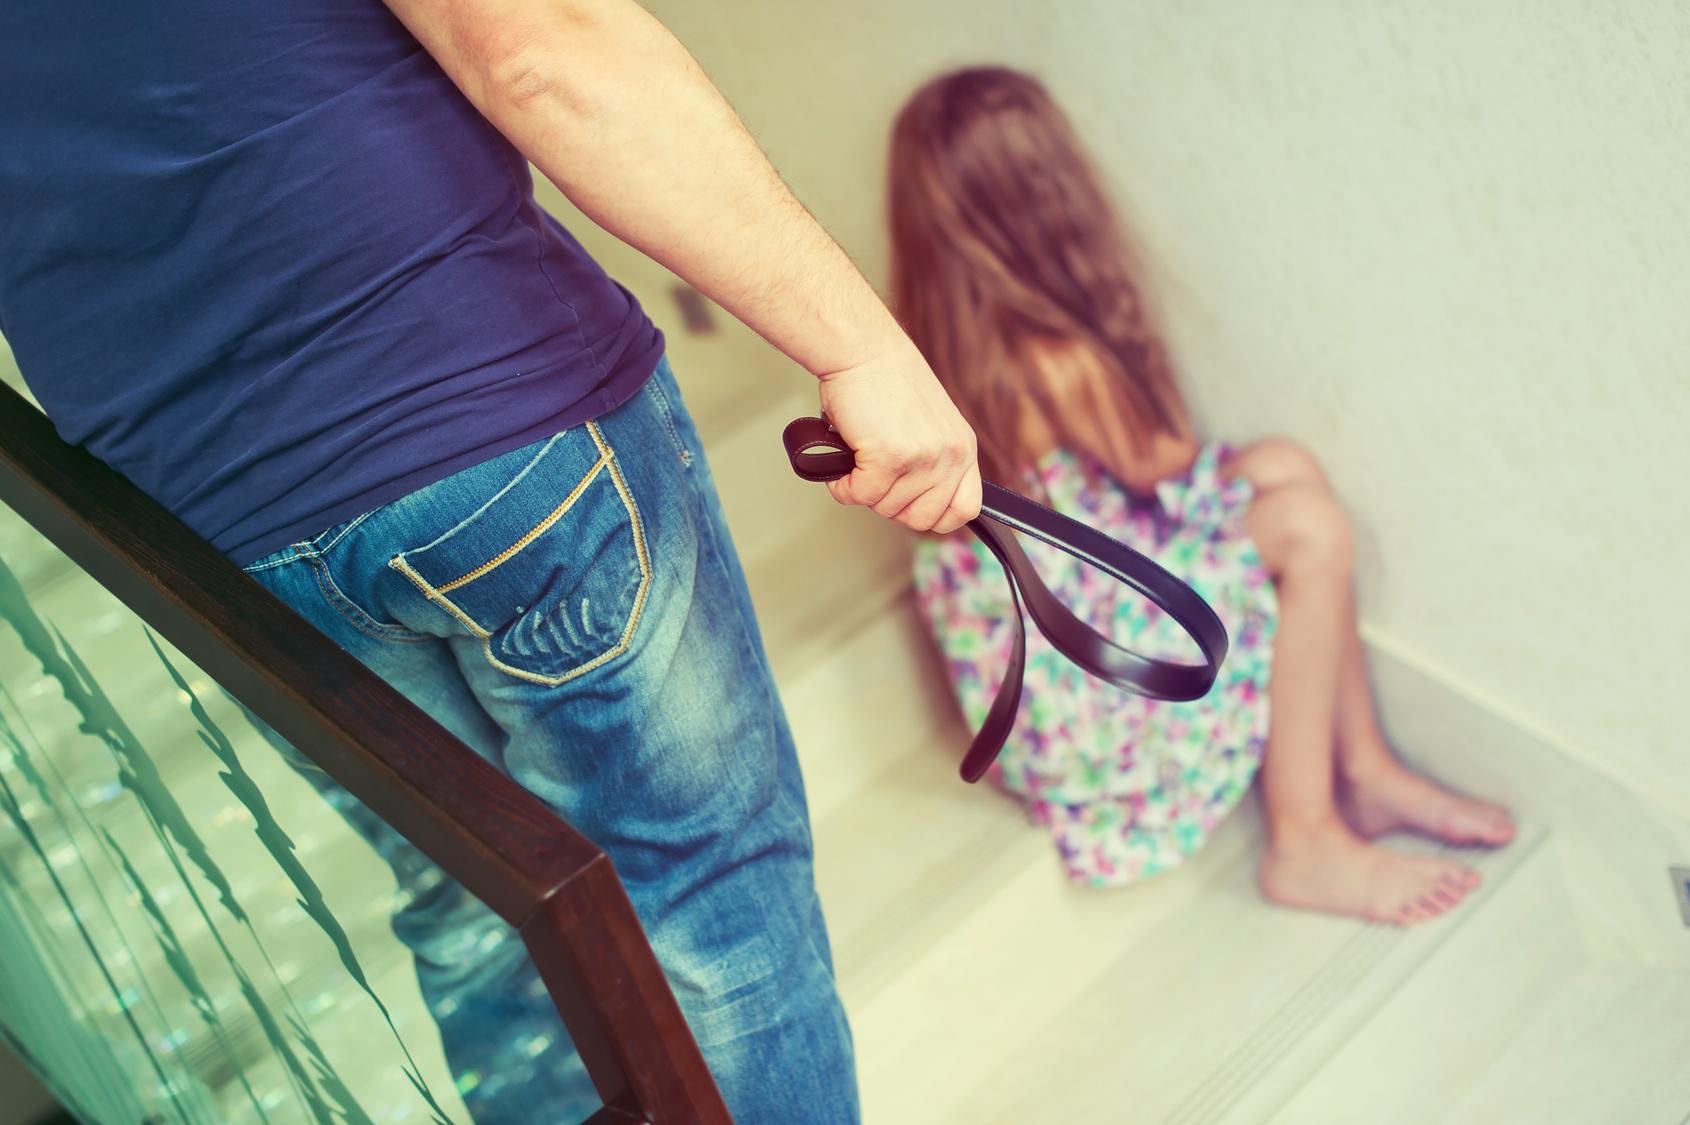 Смотреть мама и папа бьют дочку ремнем, Мама отшлепала дочку по юной попке 19 фотография